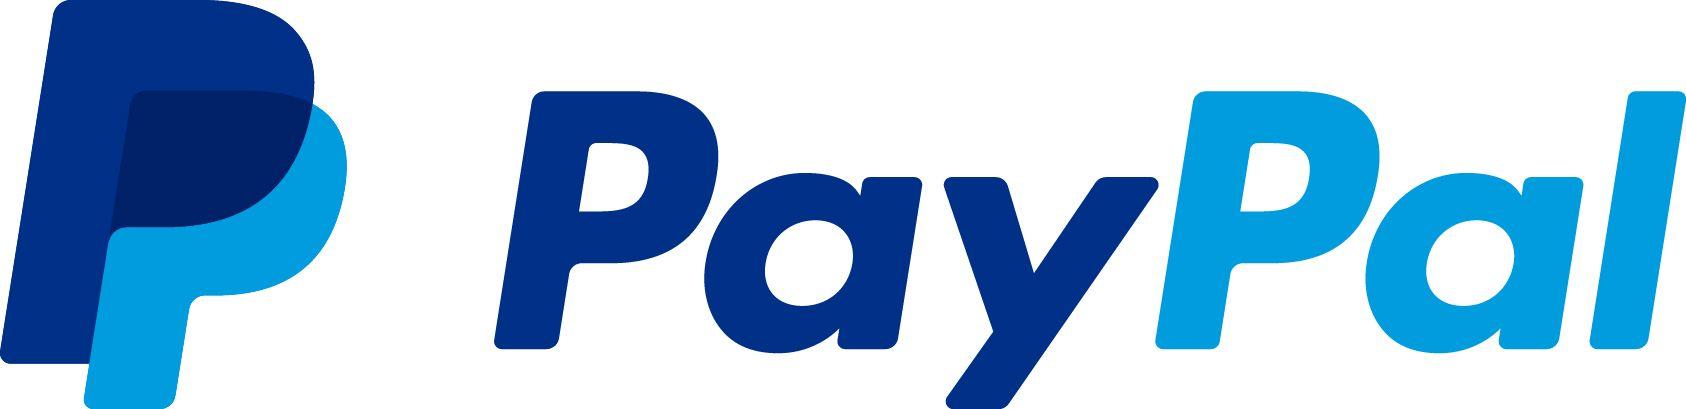 PayPal zmienia logo - Bankier.pl